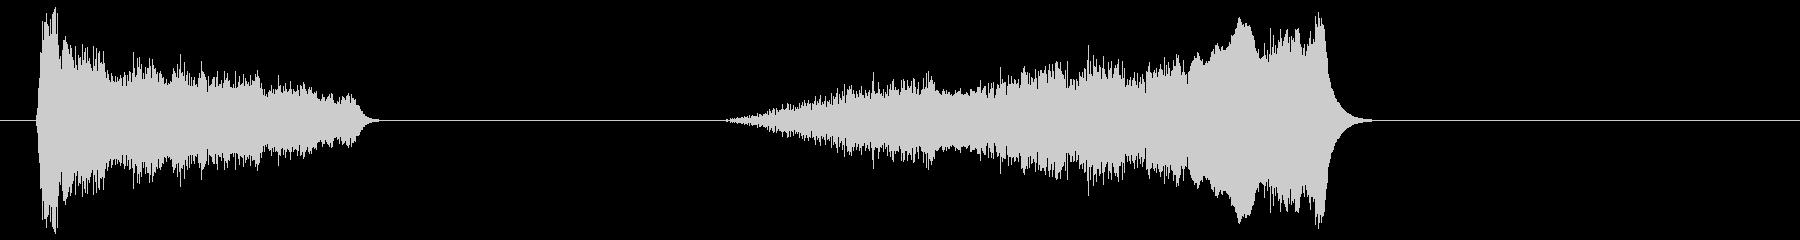 バイオリンヘビーボウグリス-2エフ...の未再生の波形